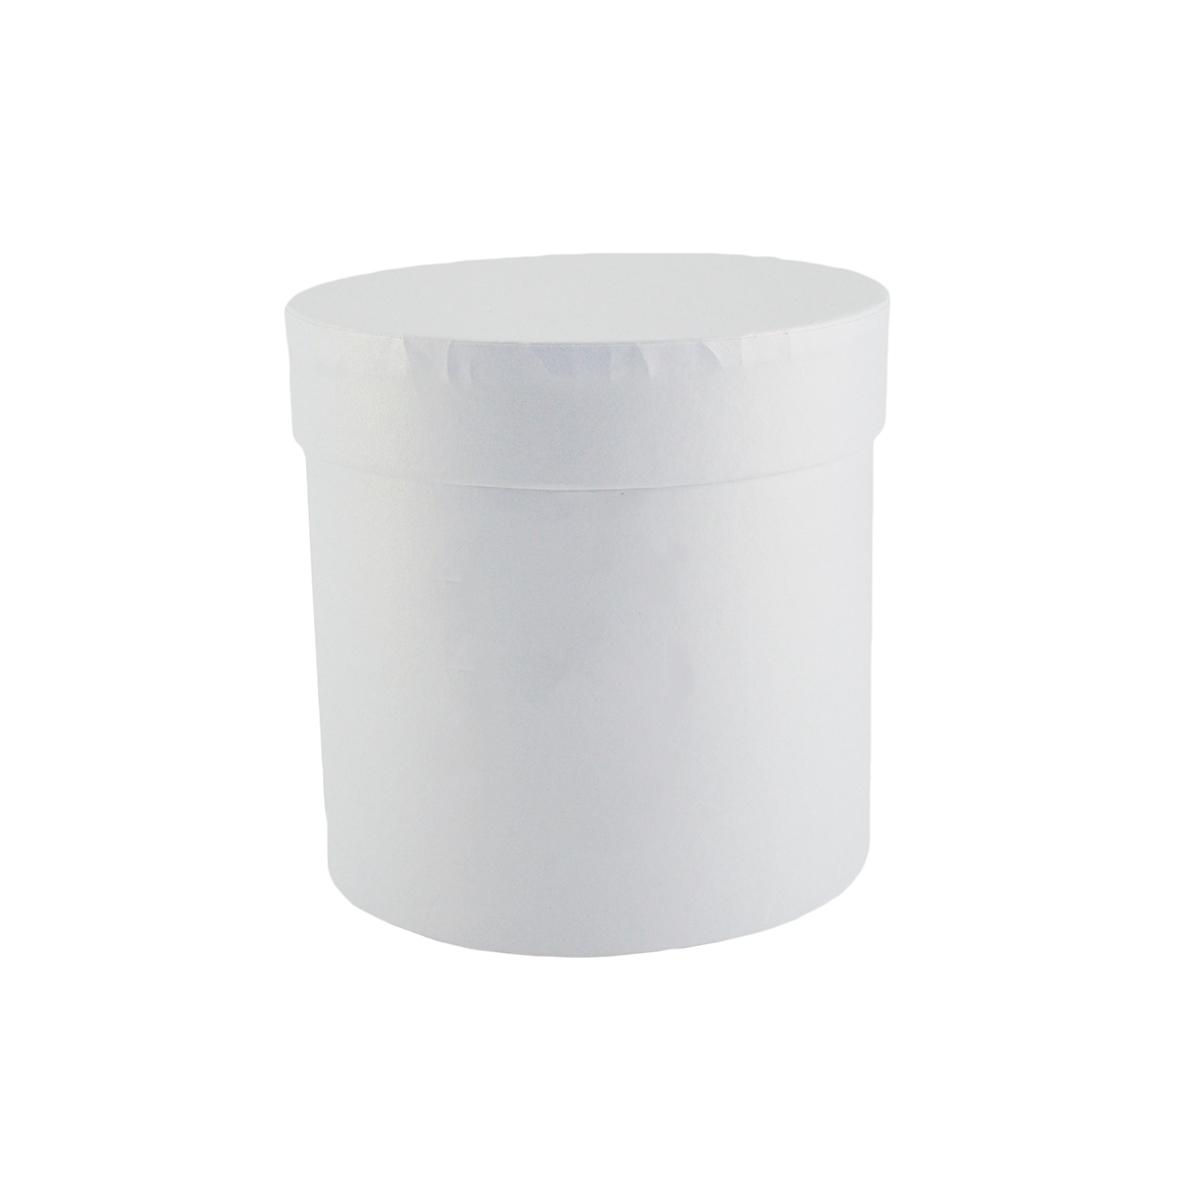 Cutie cilindrica fara manere neinscriptionata alb